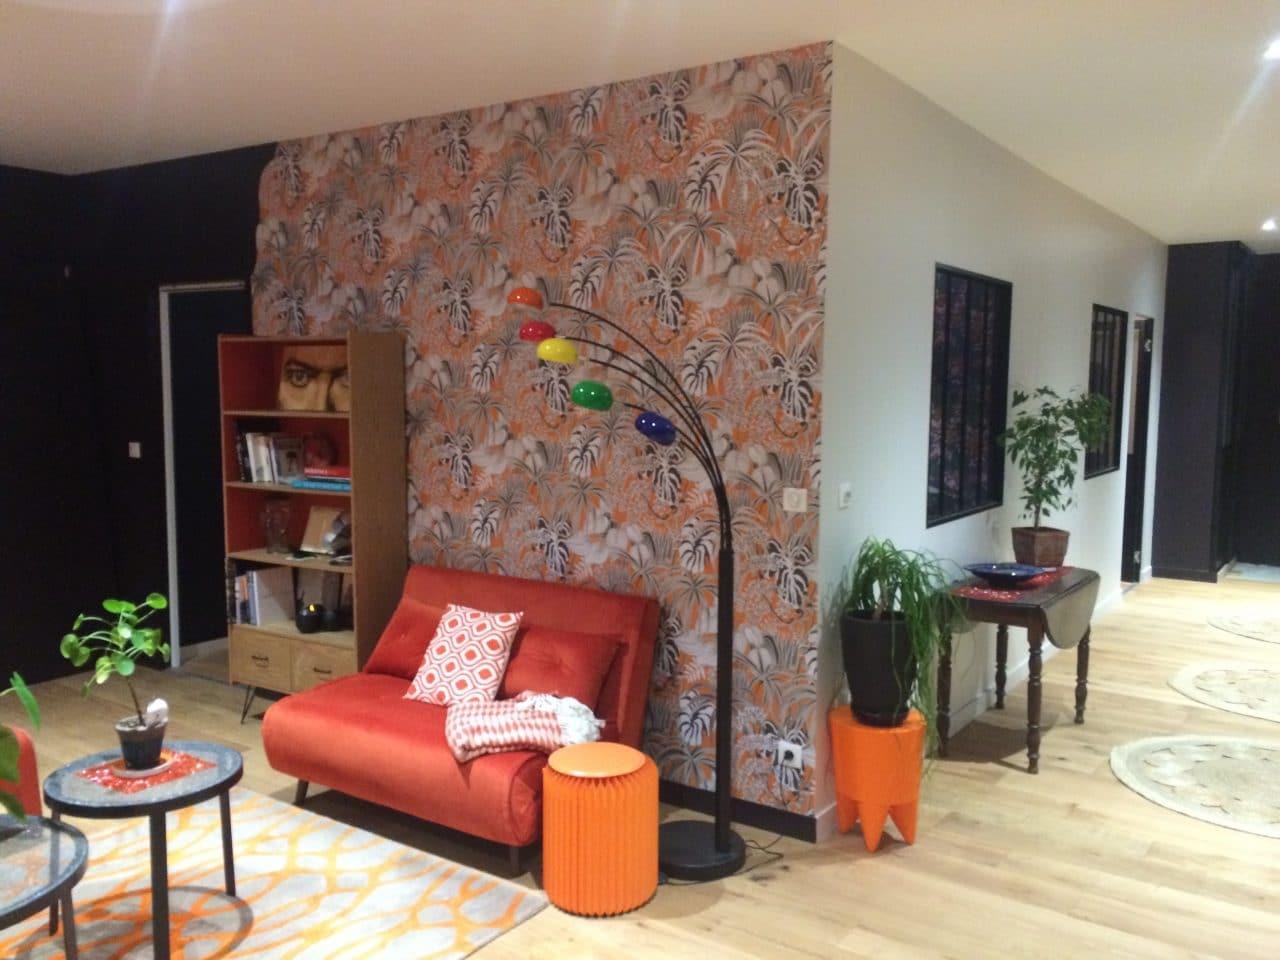 rénovation appartement loft salon couloir entrée tapisserie sol parquet massif verrière atelier Niort